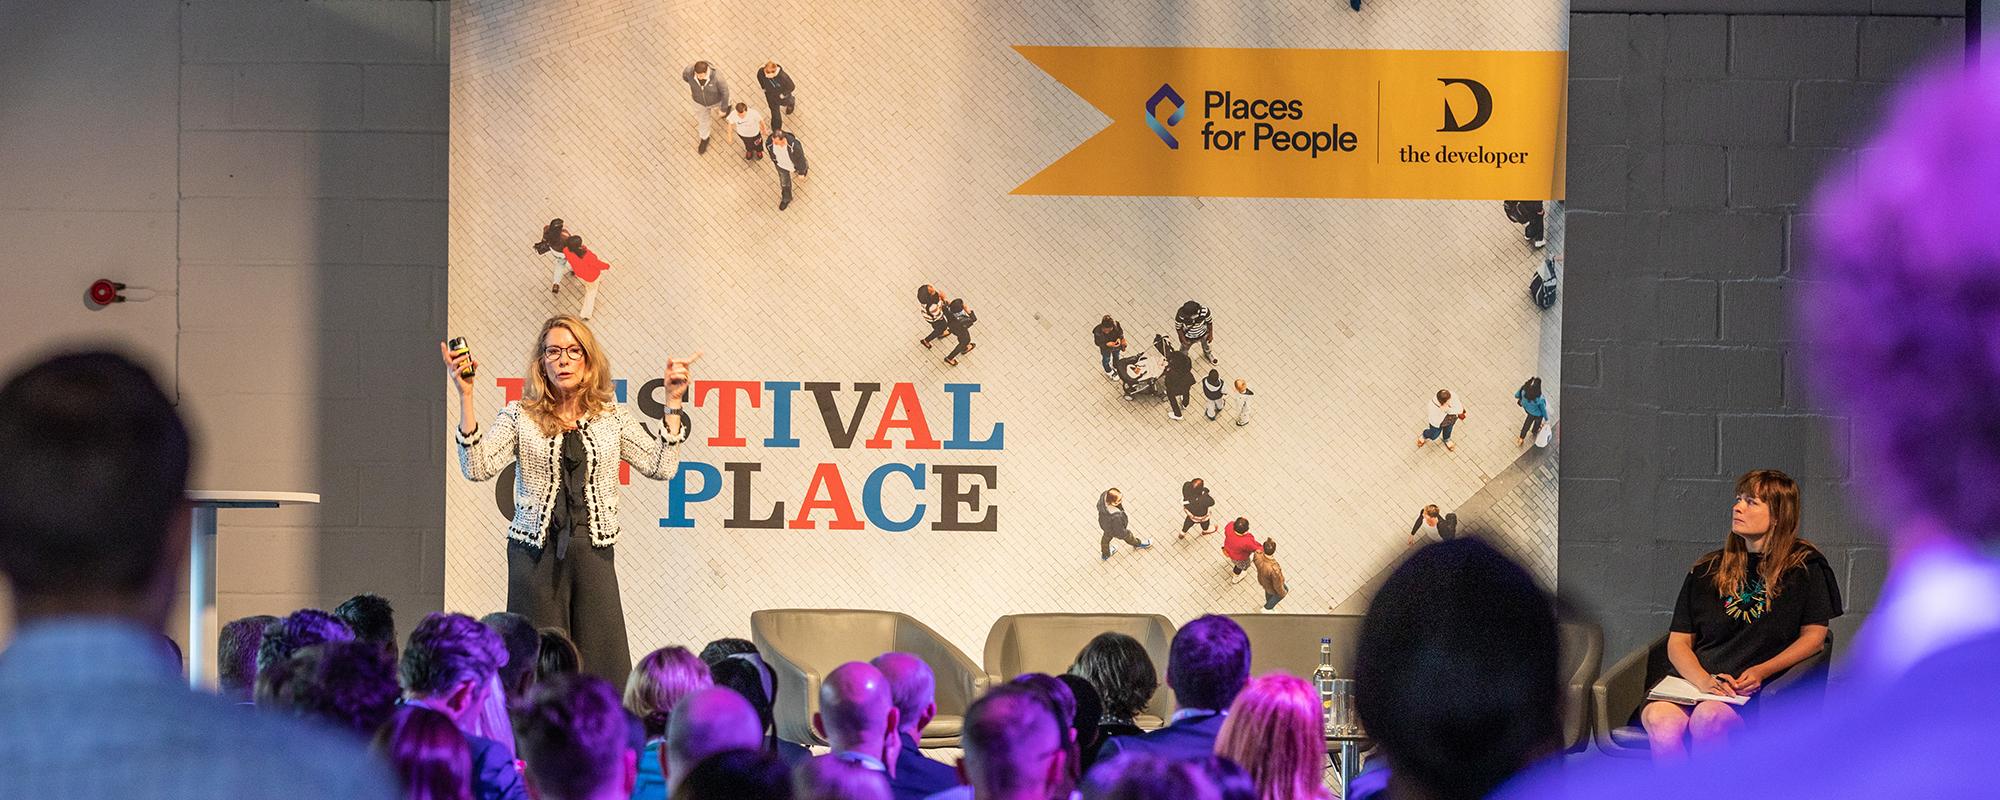 Dr Patrice Derrington addresses the Festival of Place